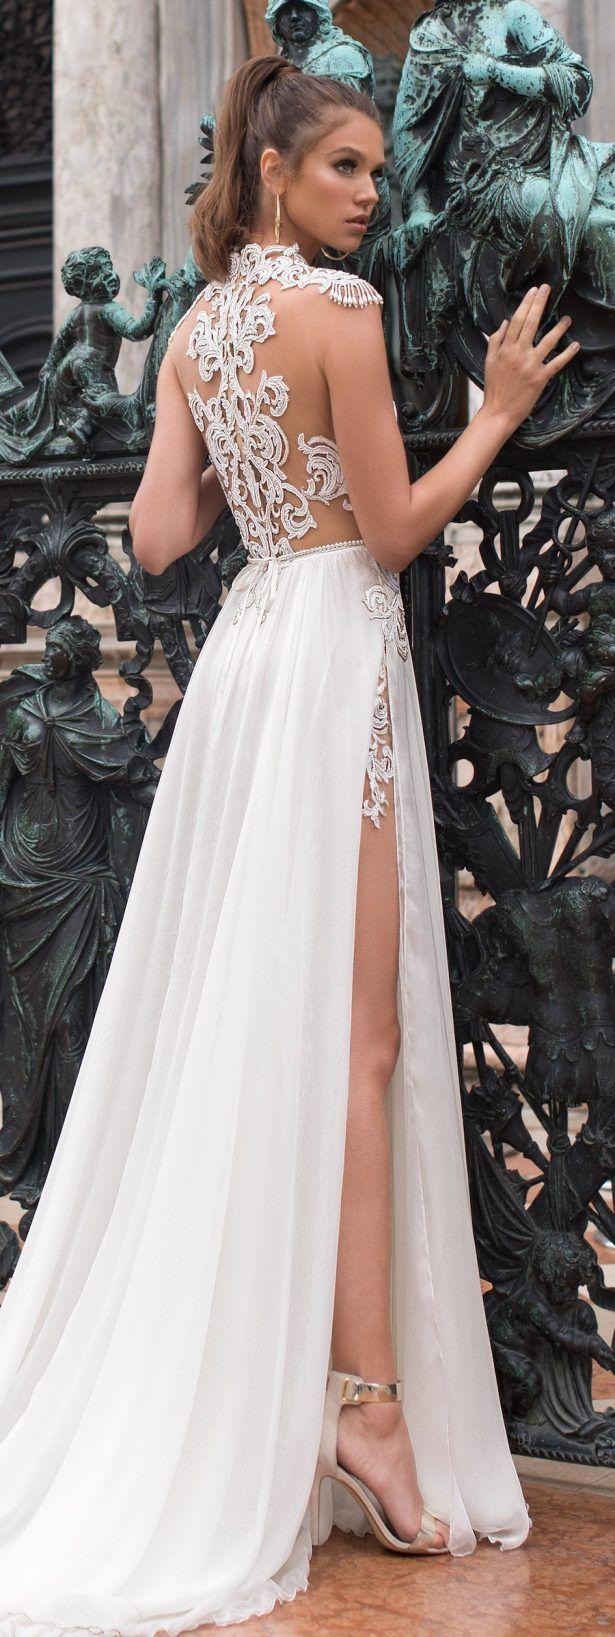 1318 best Wedding images on Pinterest   Groom attire, Gown wedding ...